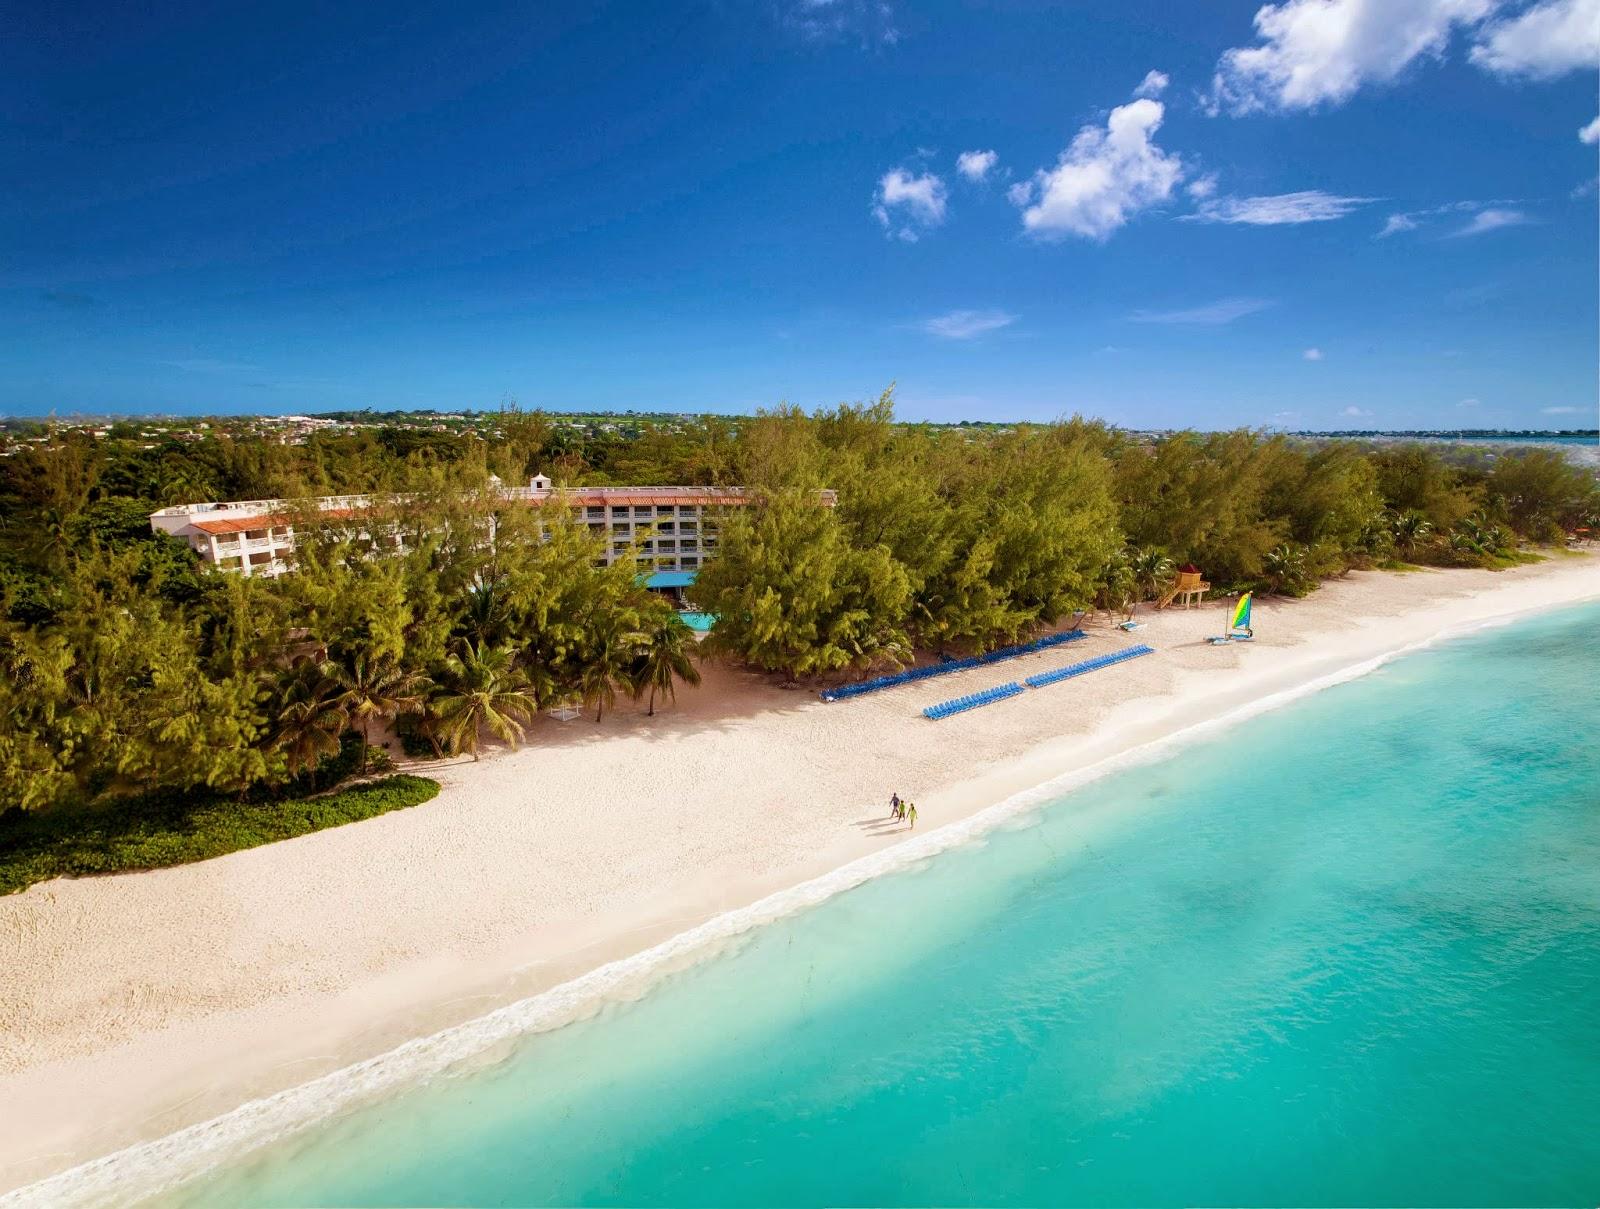 LIAT Closure Will Affect Barbados' Tourism!